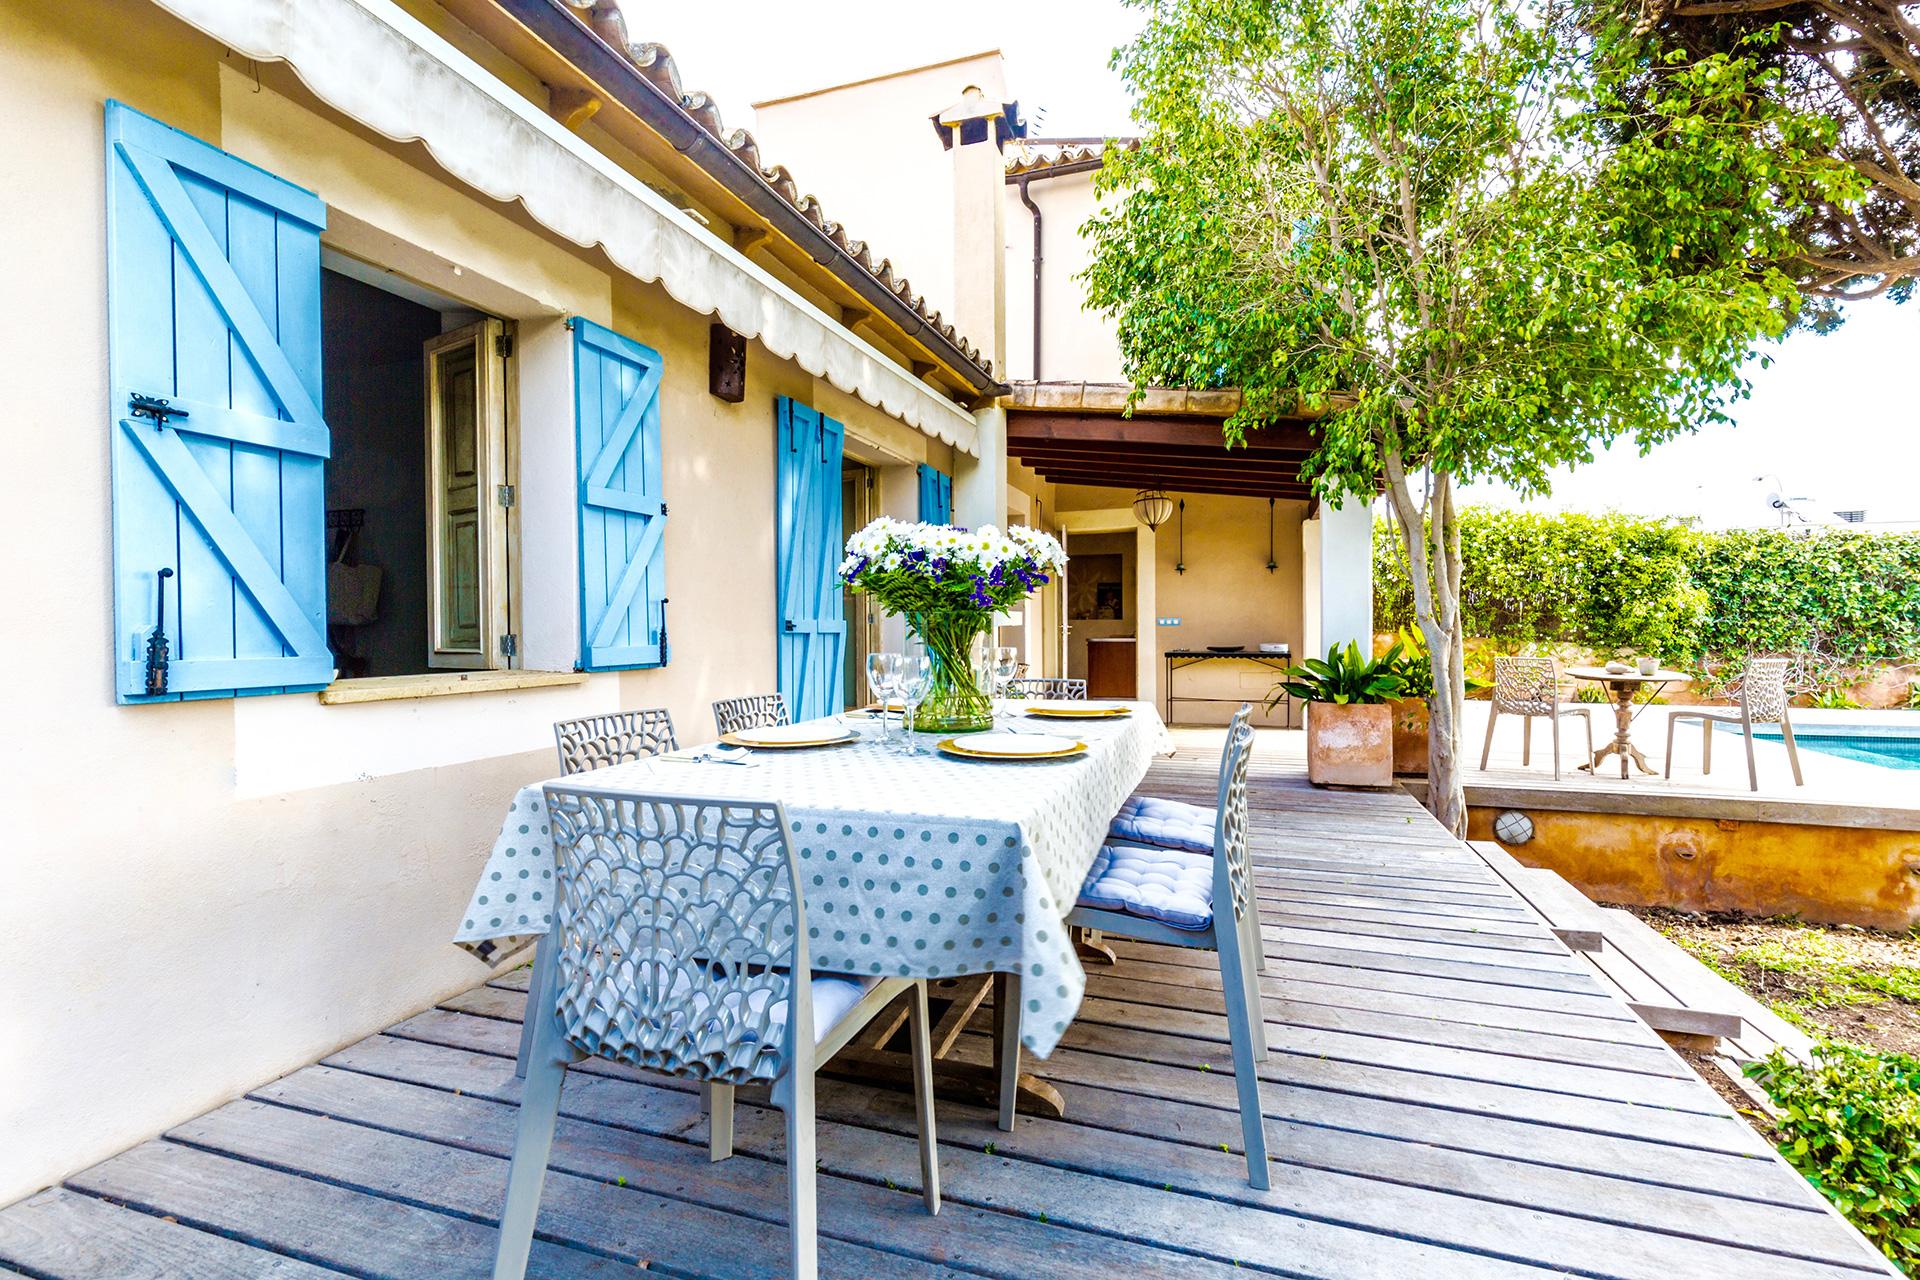 Freistehendes Haus mit Pool in Palma de Mallorca